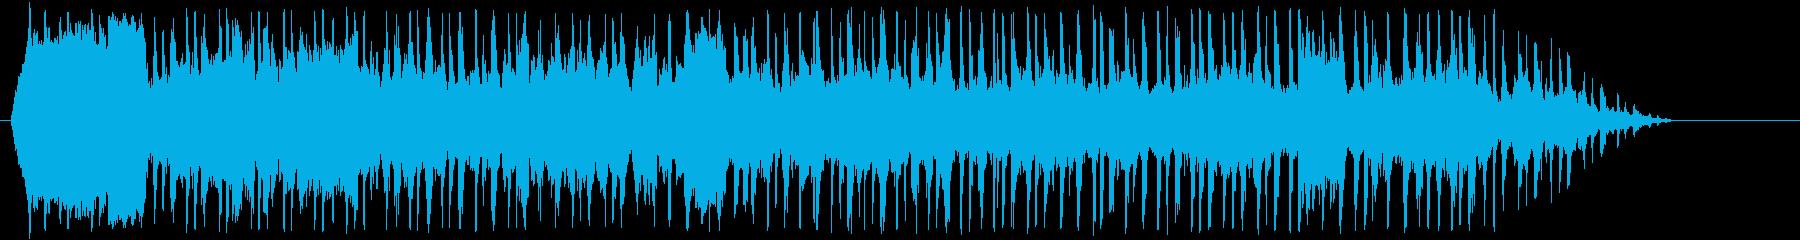 バルーンの再生済みの波形